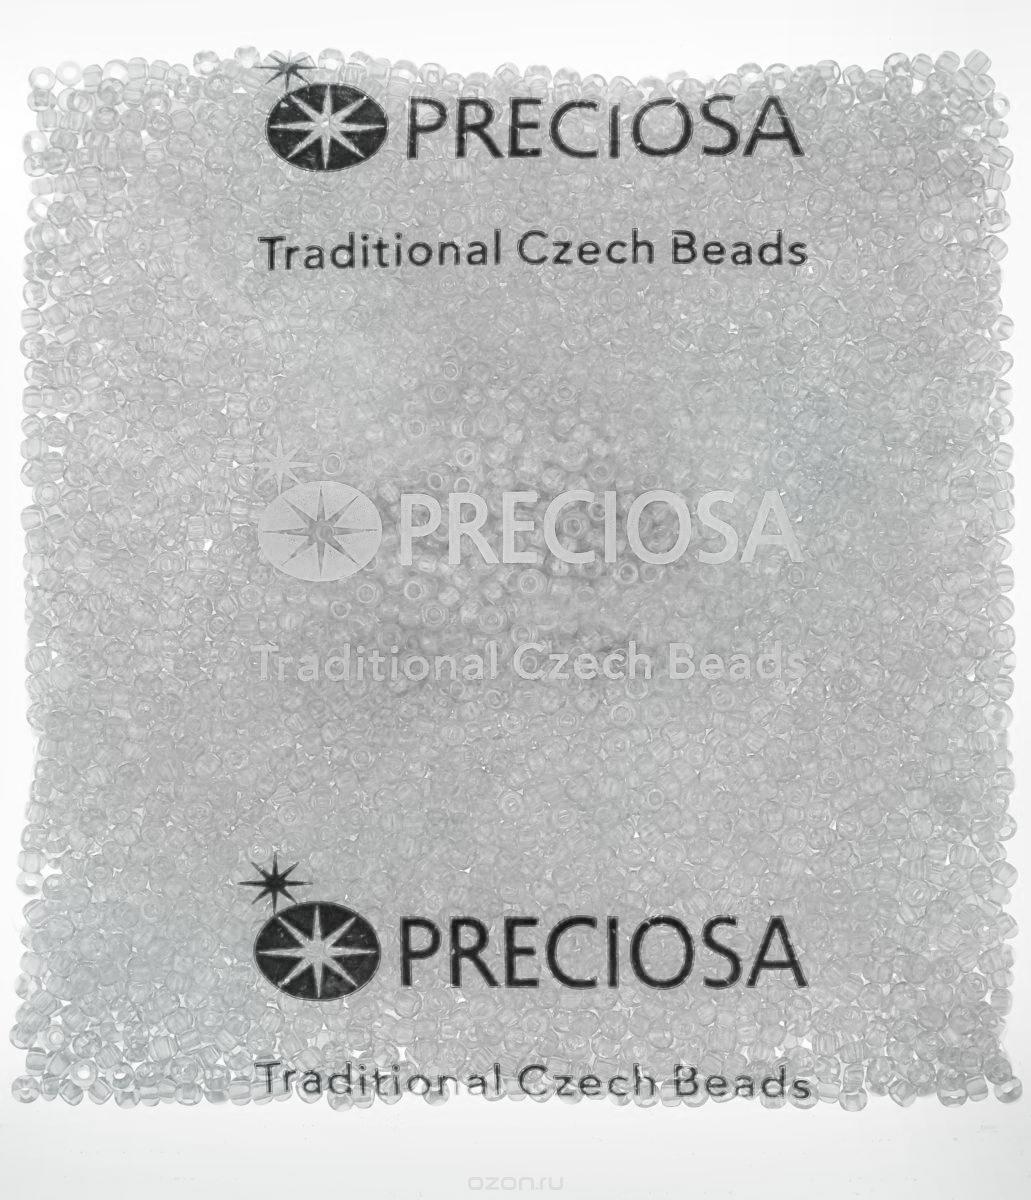 Бисер Preciosa, прозрачный, с радужным покрытием, цвет: прозрачный (58205), 10/0, 50 г. 77029387702938Прозрачный бисер Preciosa, изготовленный из стекла круглой формы и радужным покрытием, позволит вам своими руками создать оригинальные ожерелья, бусы или браслеты, а также заняться вышиванием. В бисероплетении часто используют бисер разных размеров и цветов. Он идеально подойдет для вышивания на предметах быта и женской одежде. Изготовление украшений - занимательное хобби и реализация творческих способностей рукодельницы, это возможность создания неповторимого индивидуального подарка. Размер бисера: 10/0.